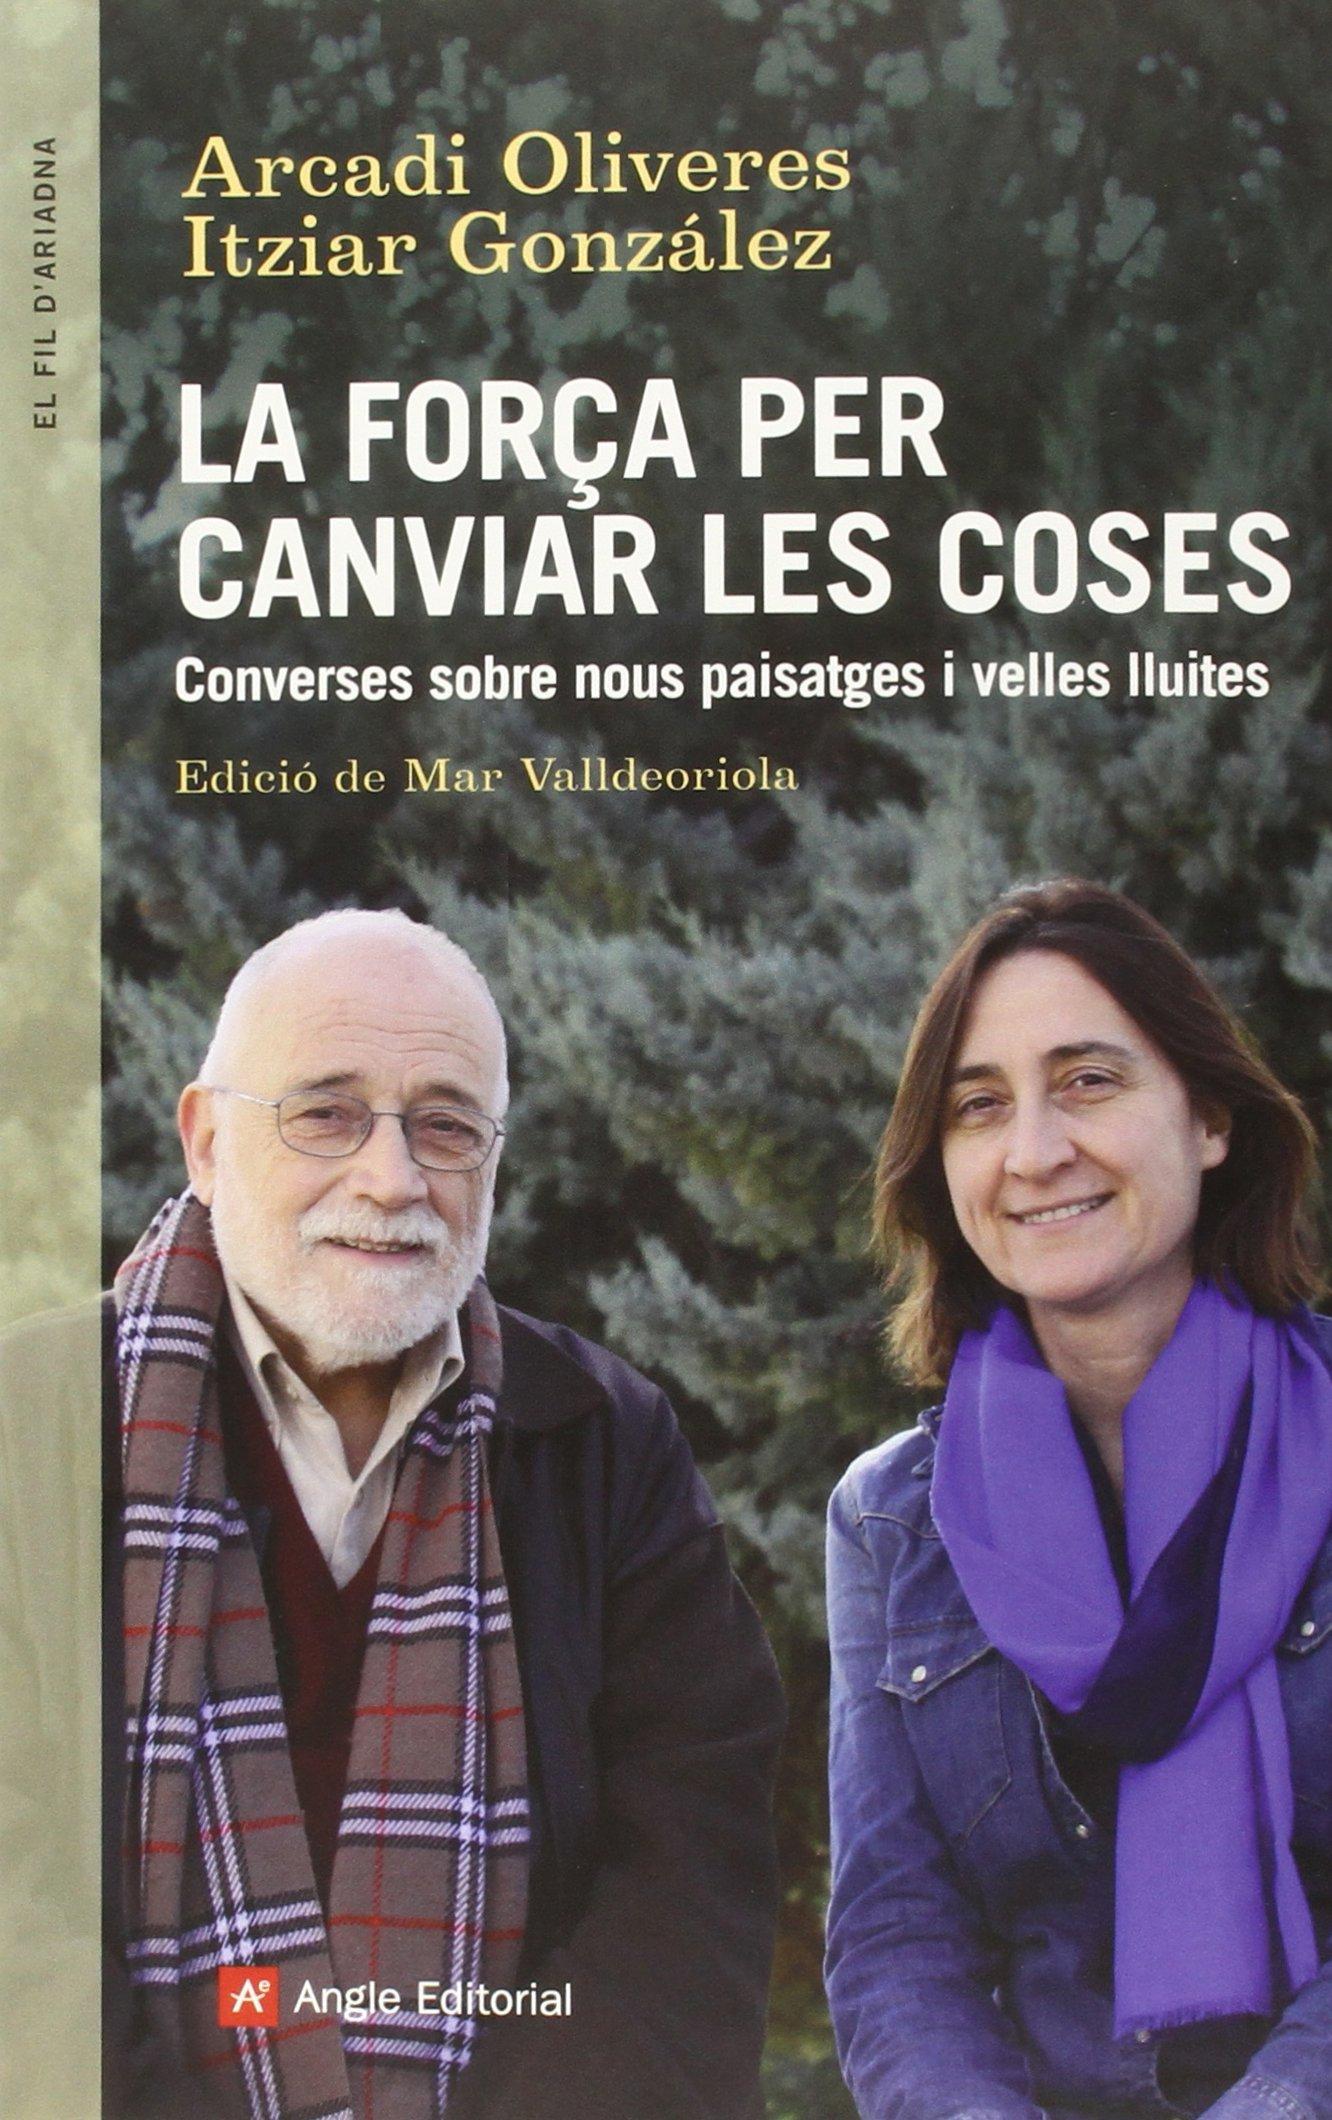 (CAT).83.CONVERSES ENTRE ARCADI OLIVERES I ITZIAR GONZALEZ PDF